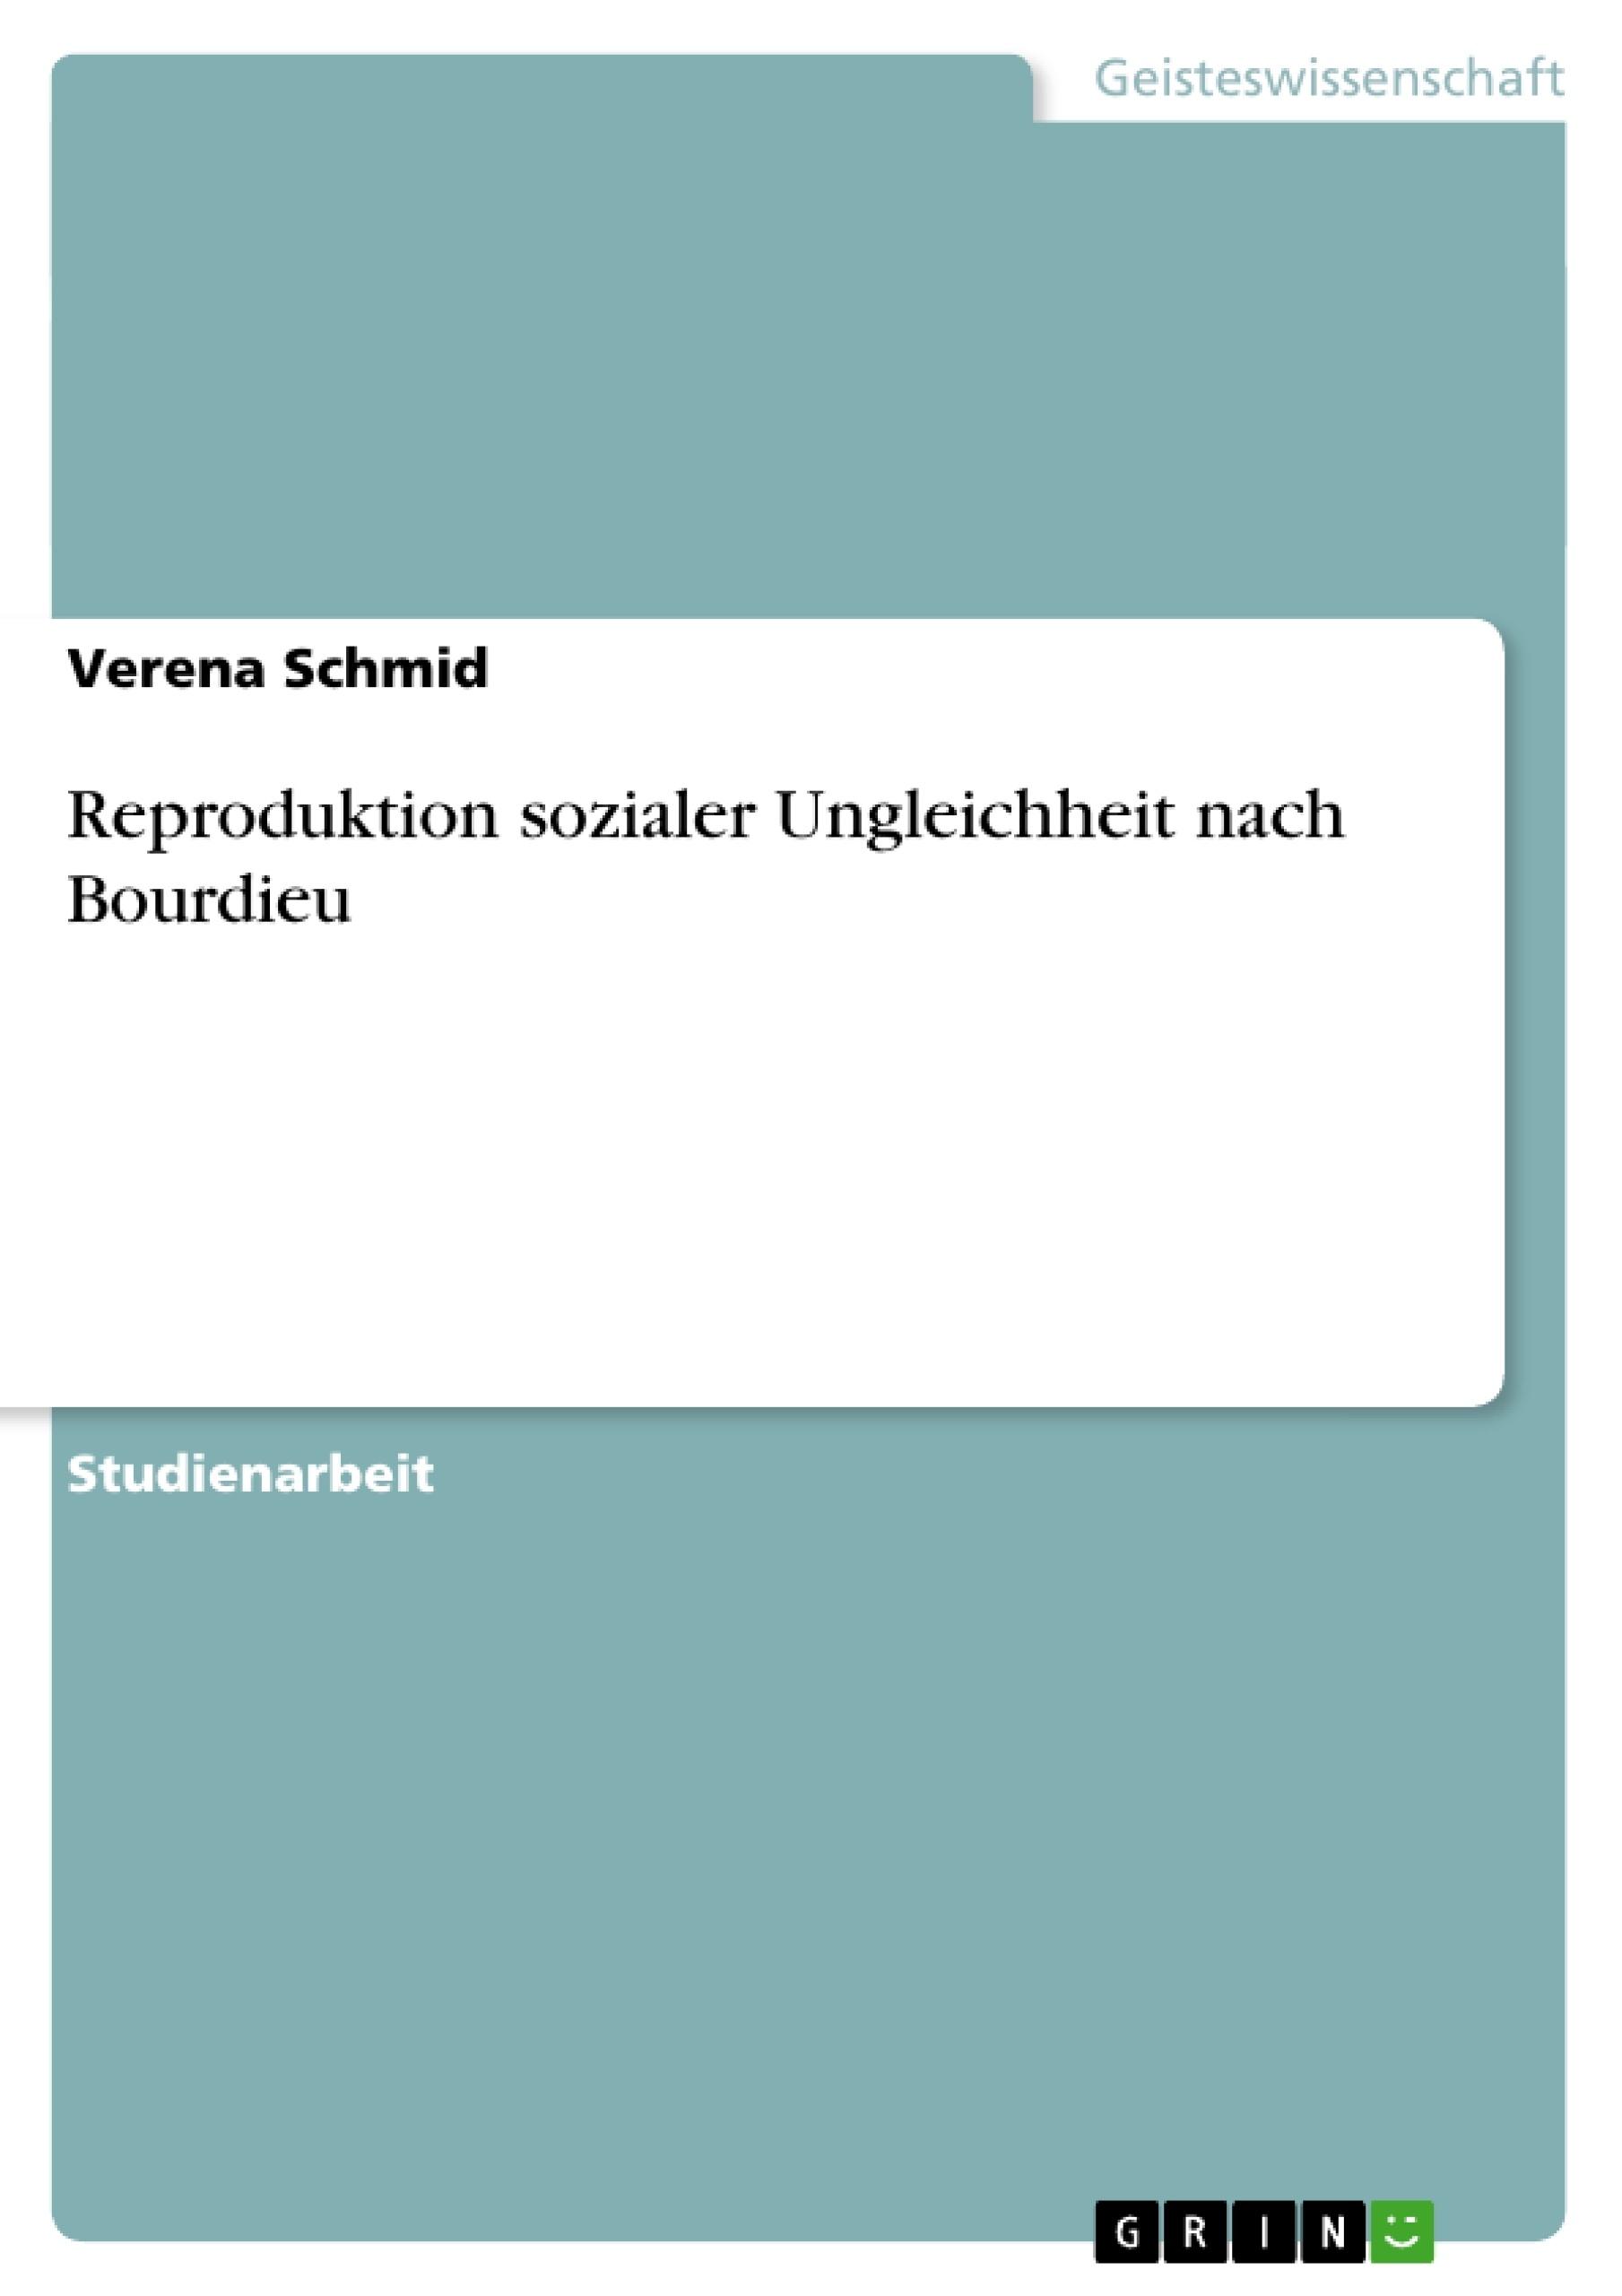 Titel: Reproduktion sozialer Ungleichheit nach Bourdieu